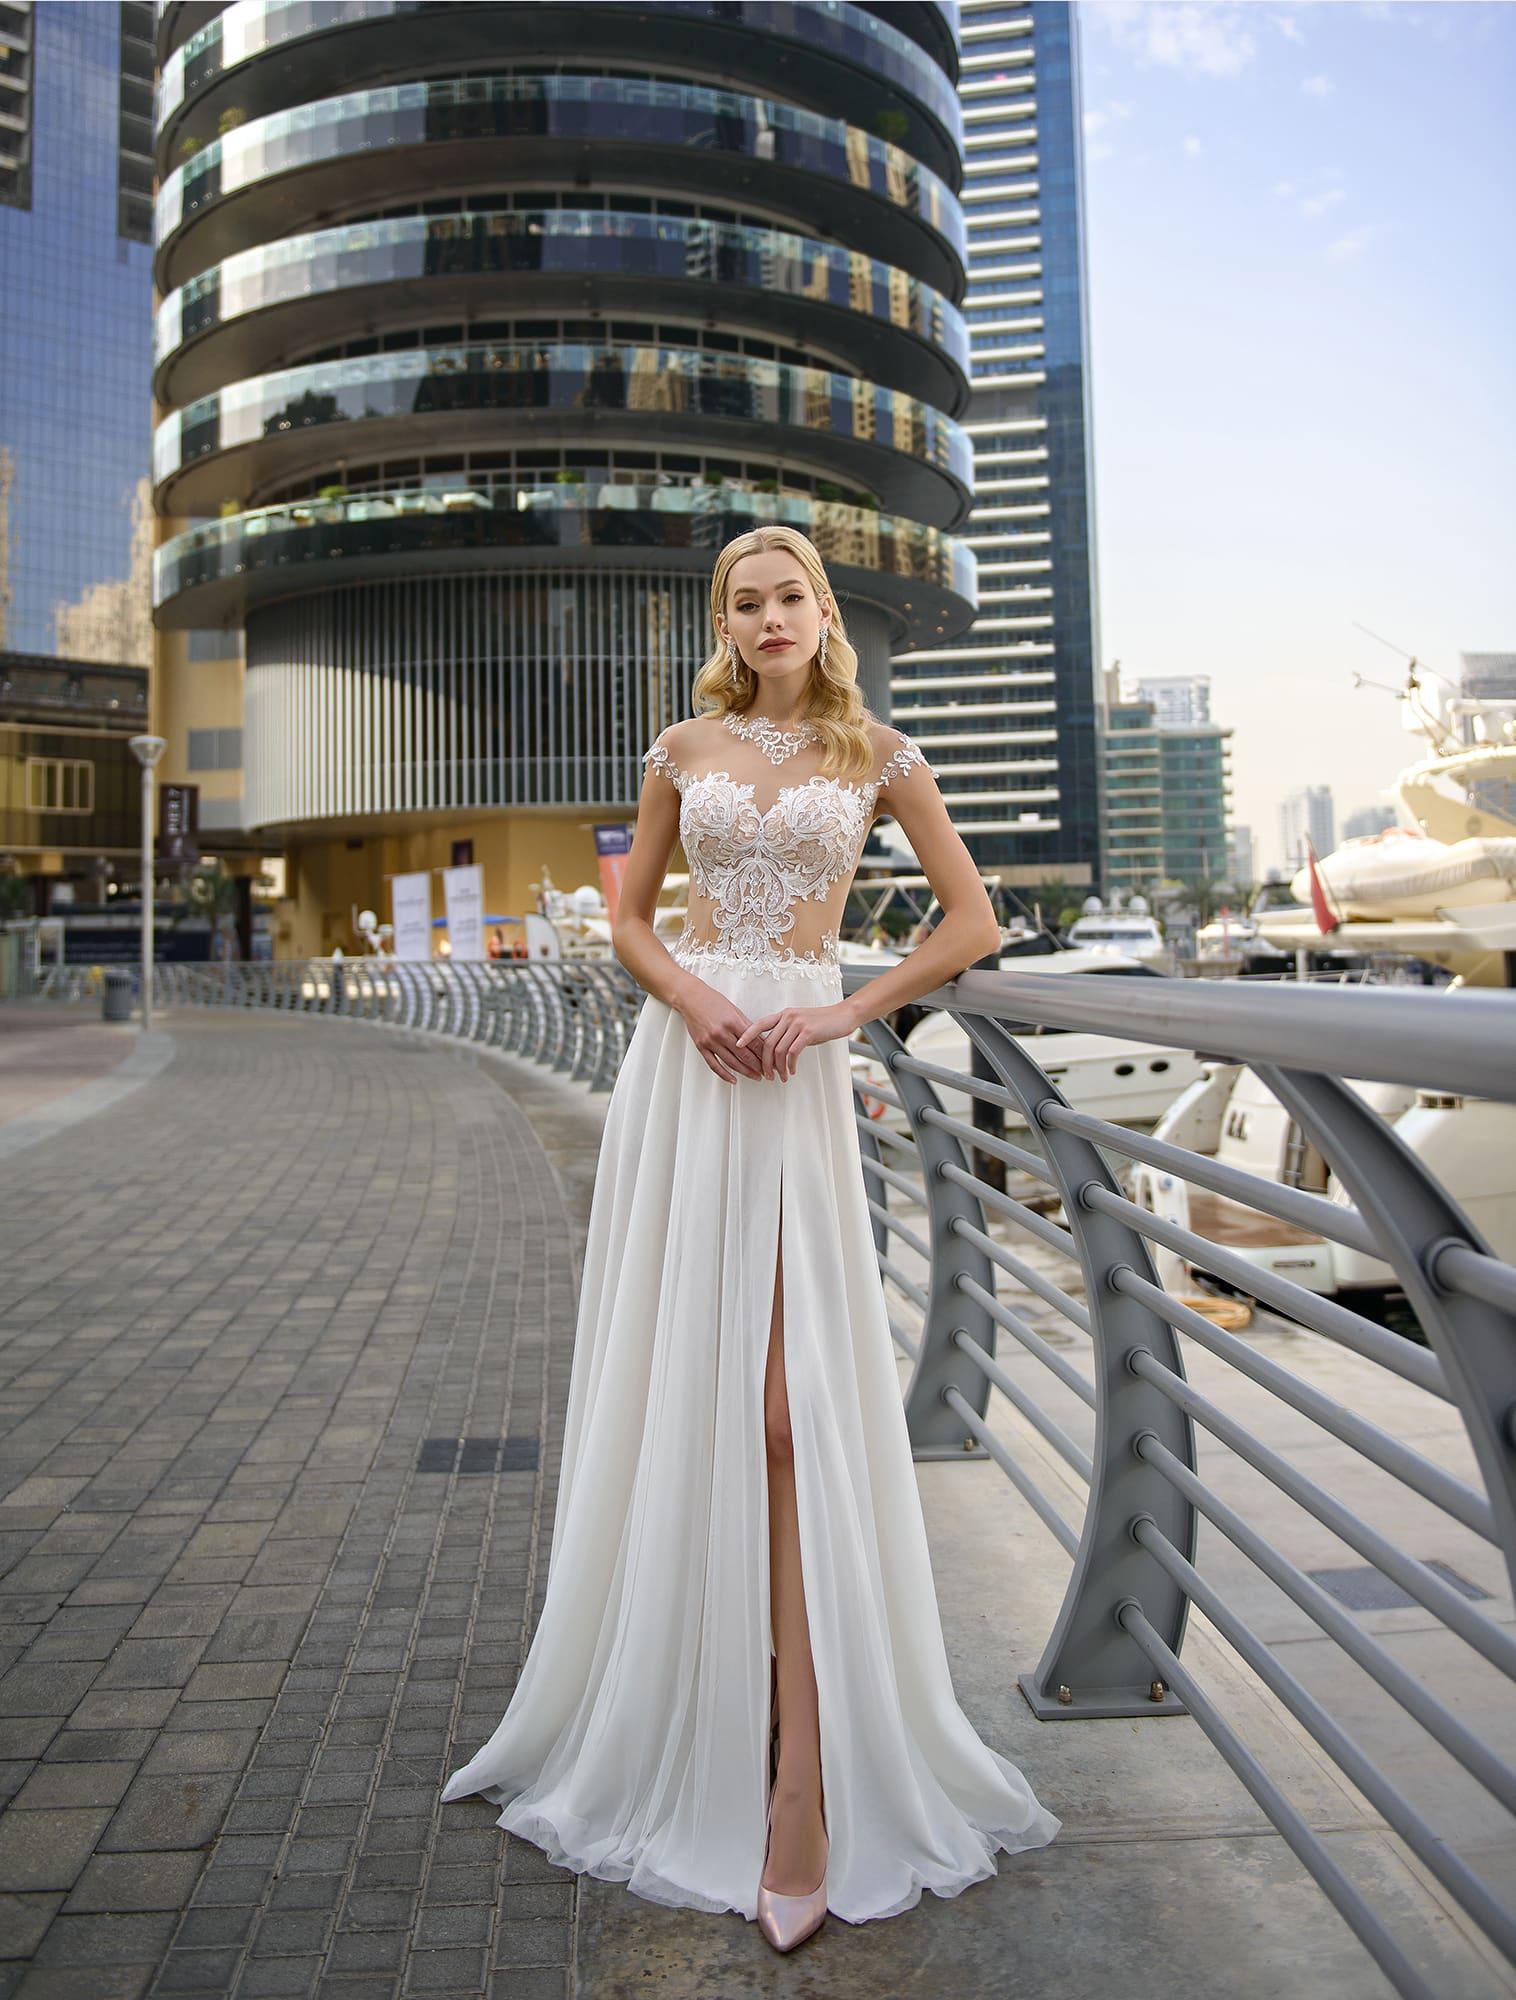 b5b121738606c81 Свадебное платье прямого кроя с прозрачным верхом и разрезом на юбке.